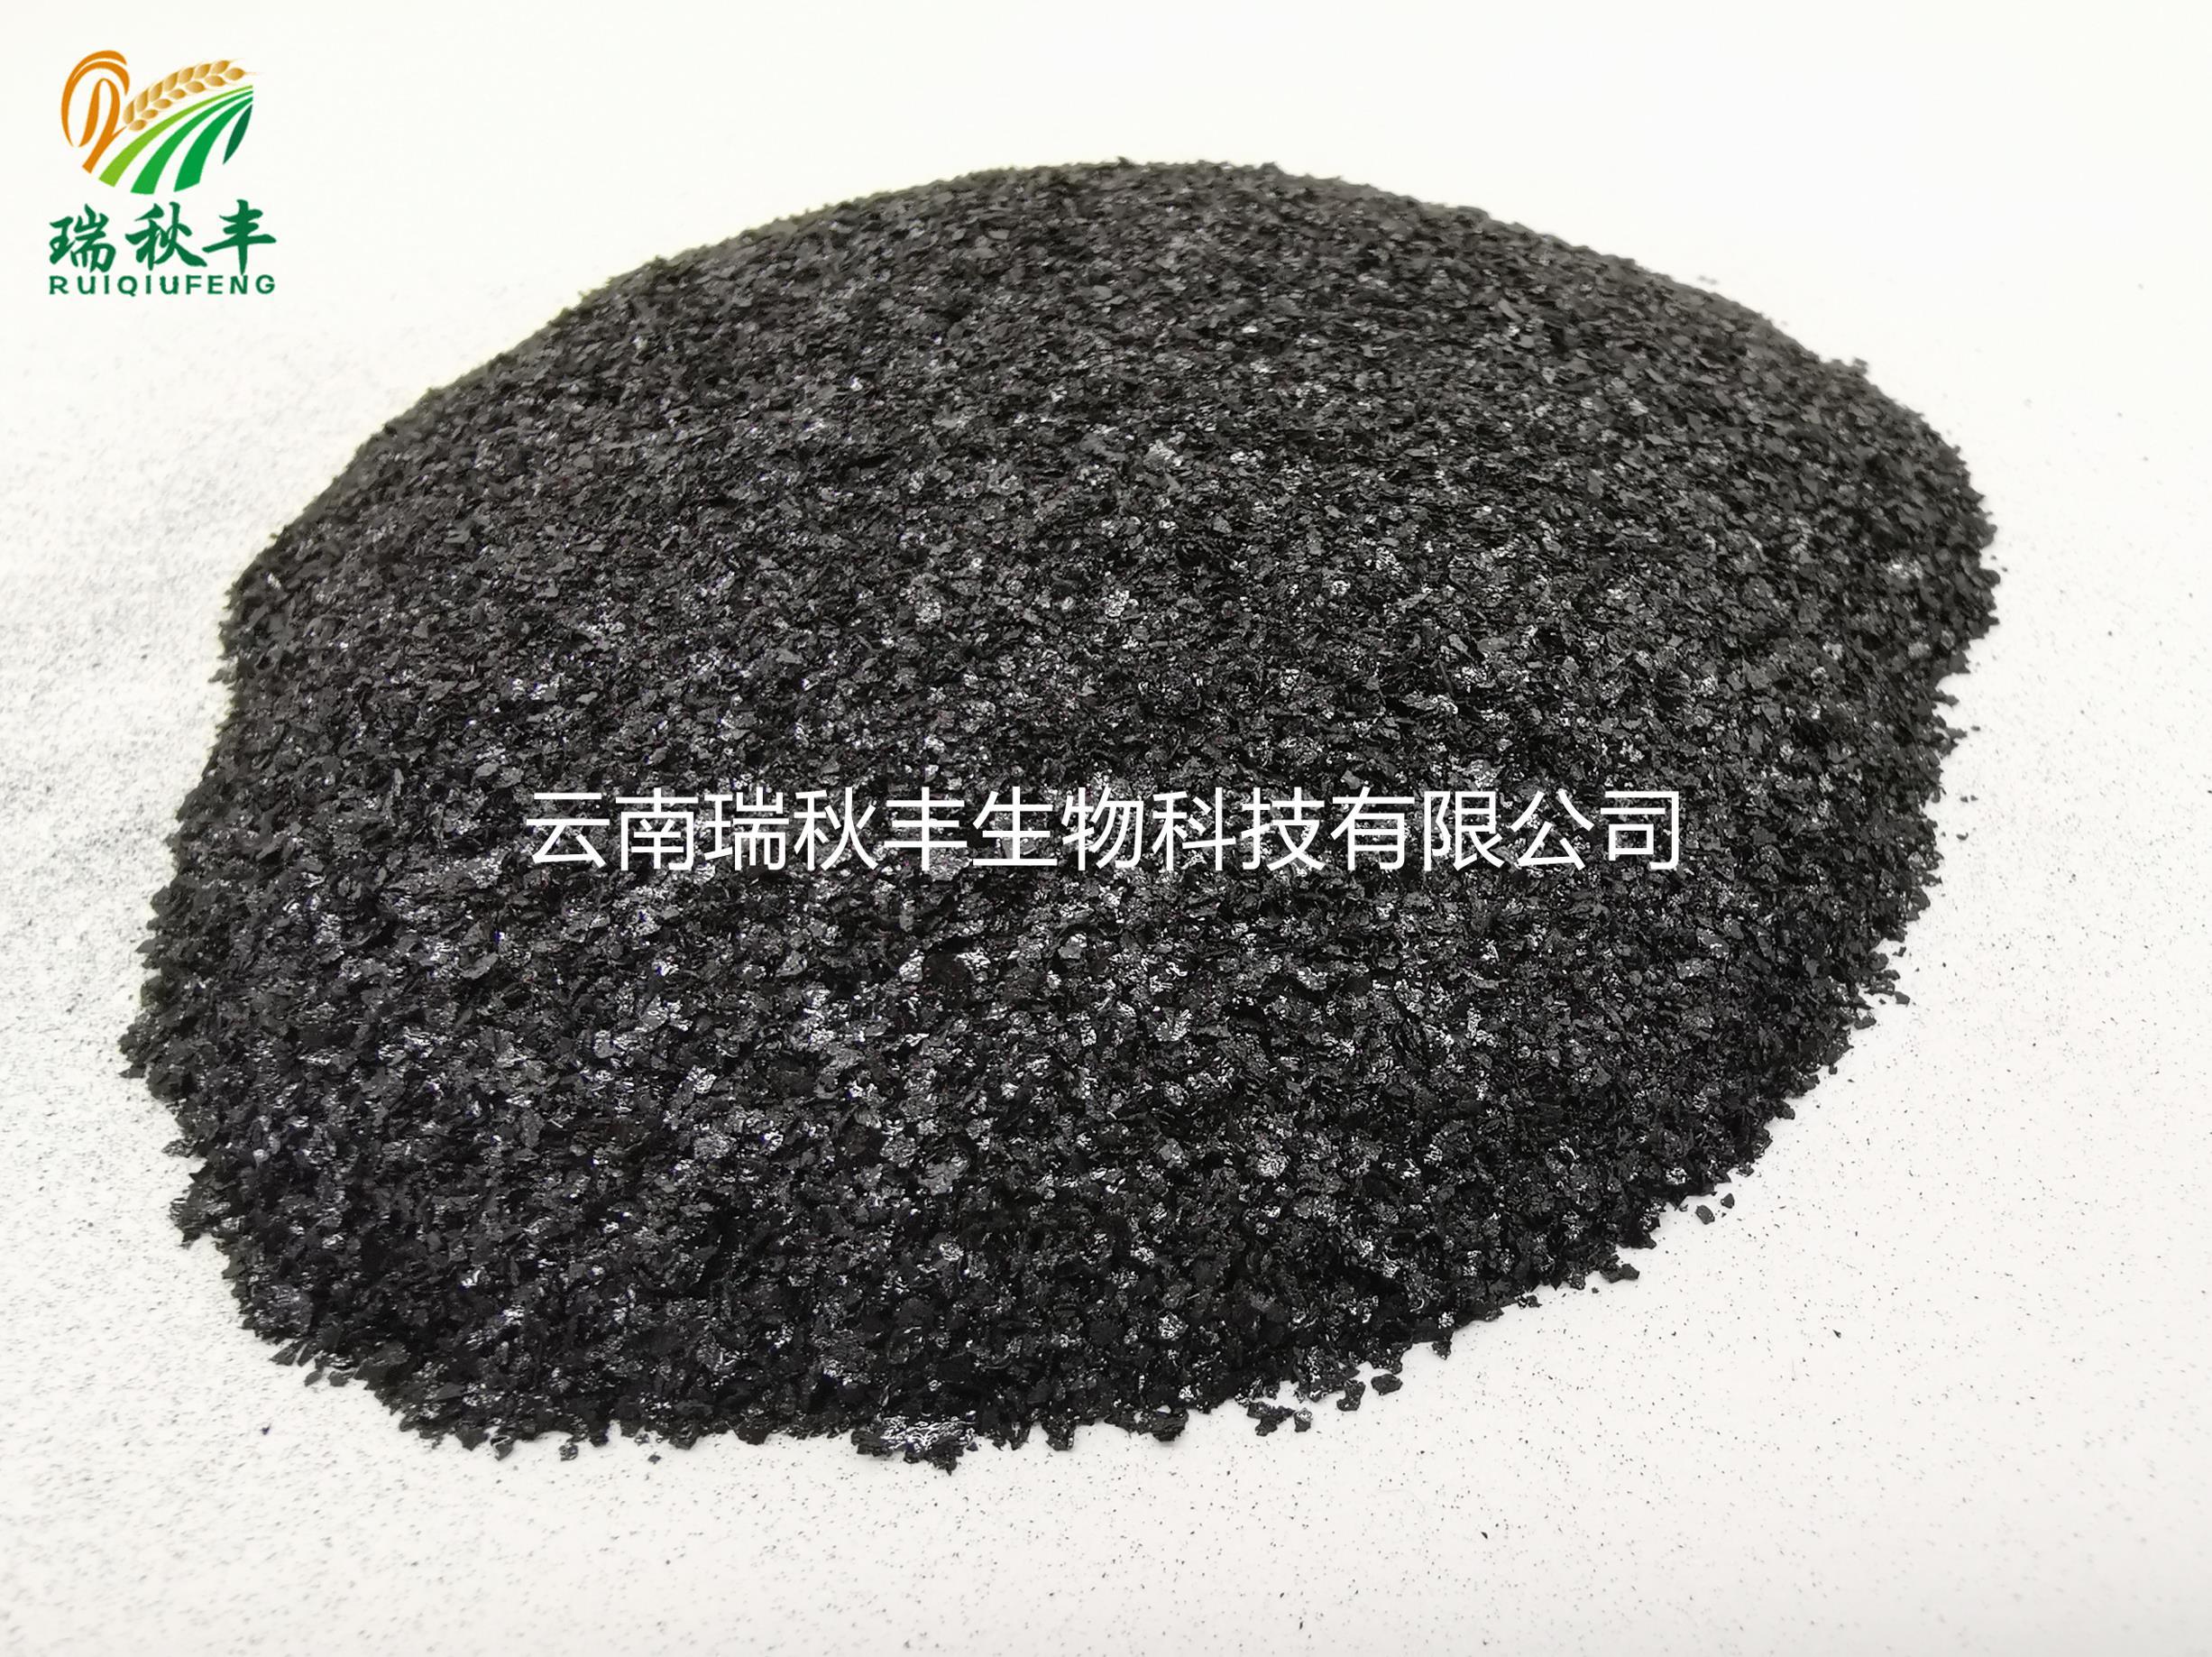 礦源腐植酸鉀 片狀